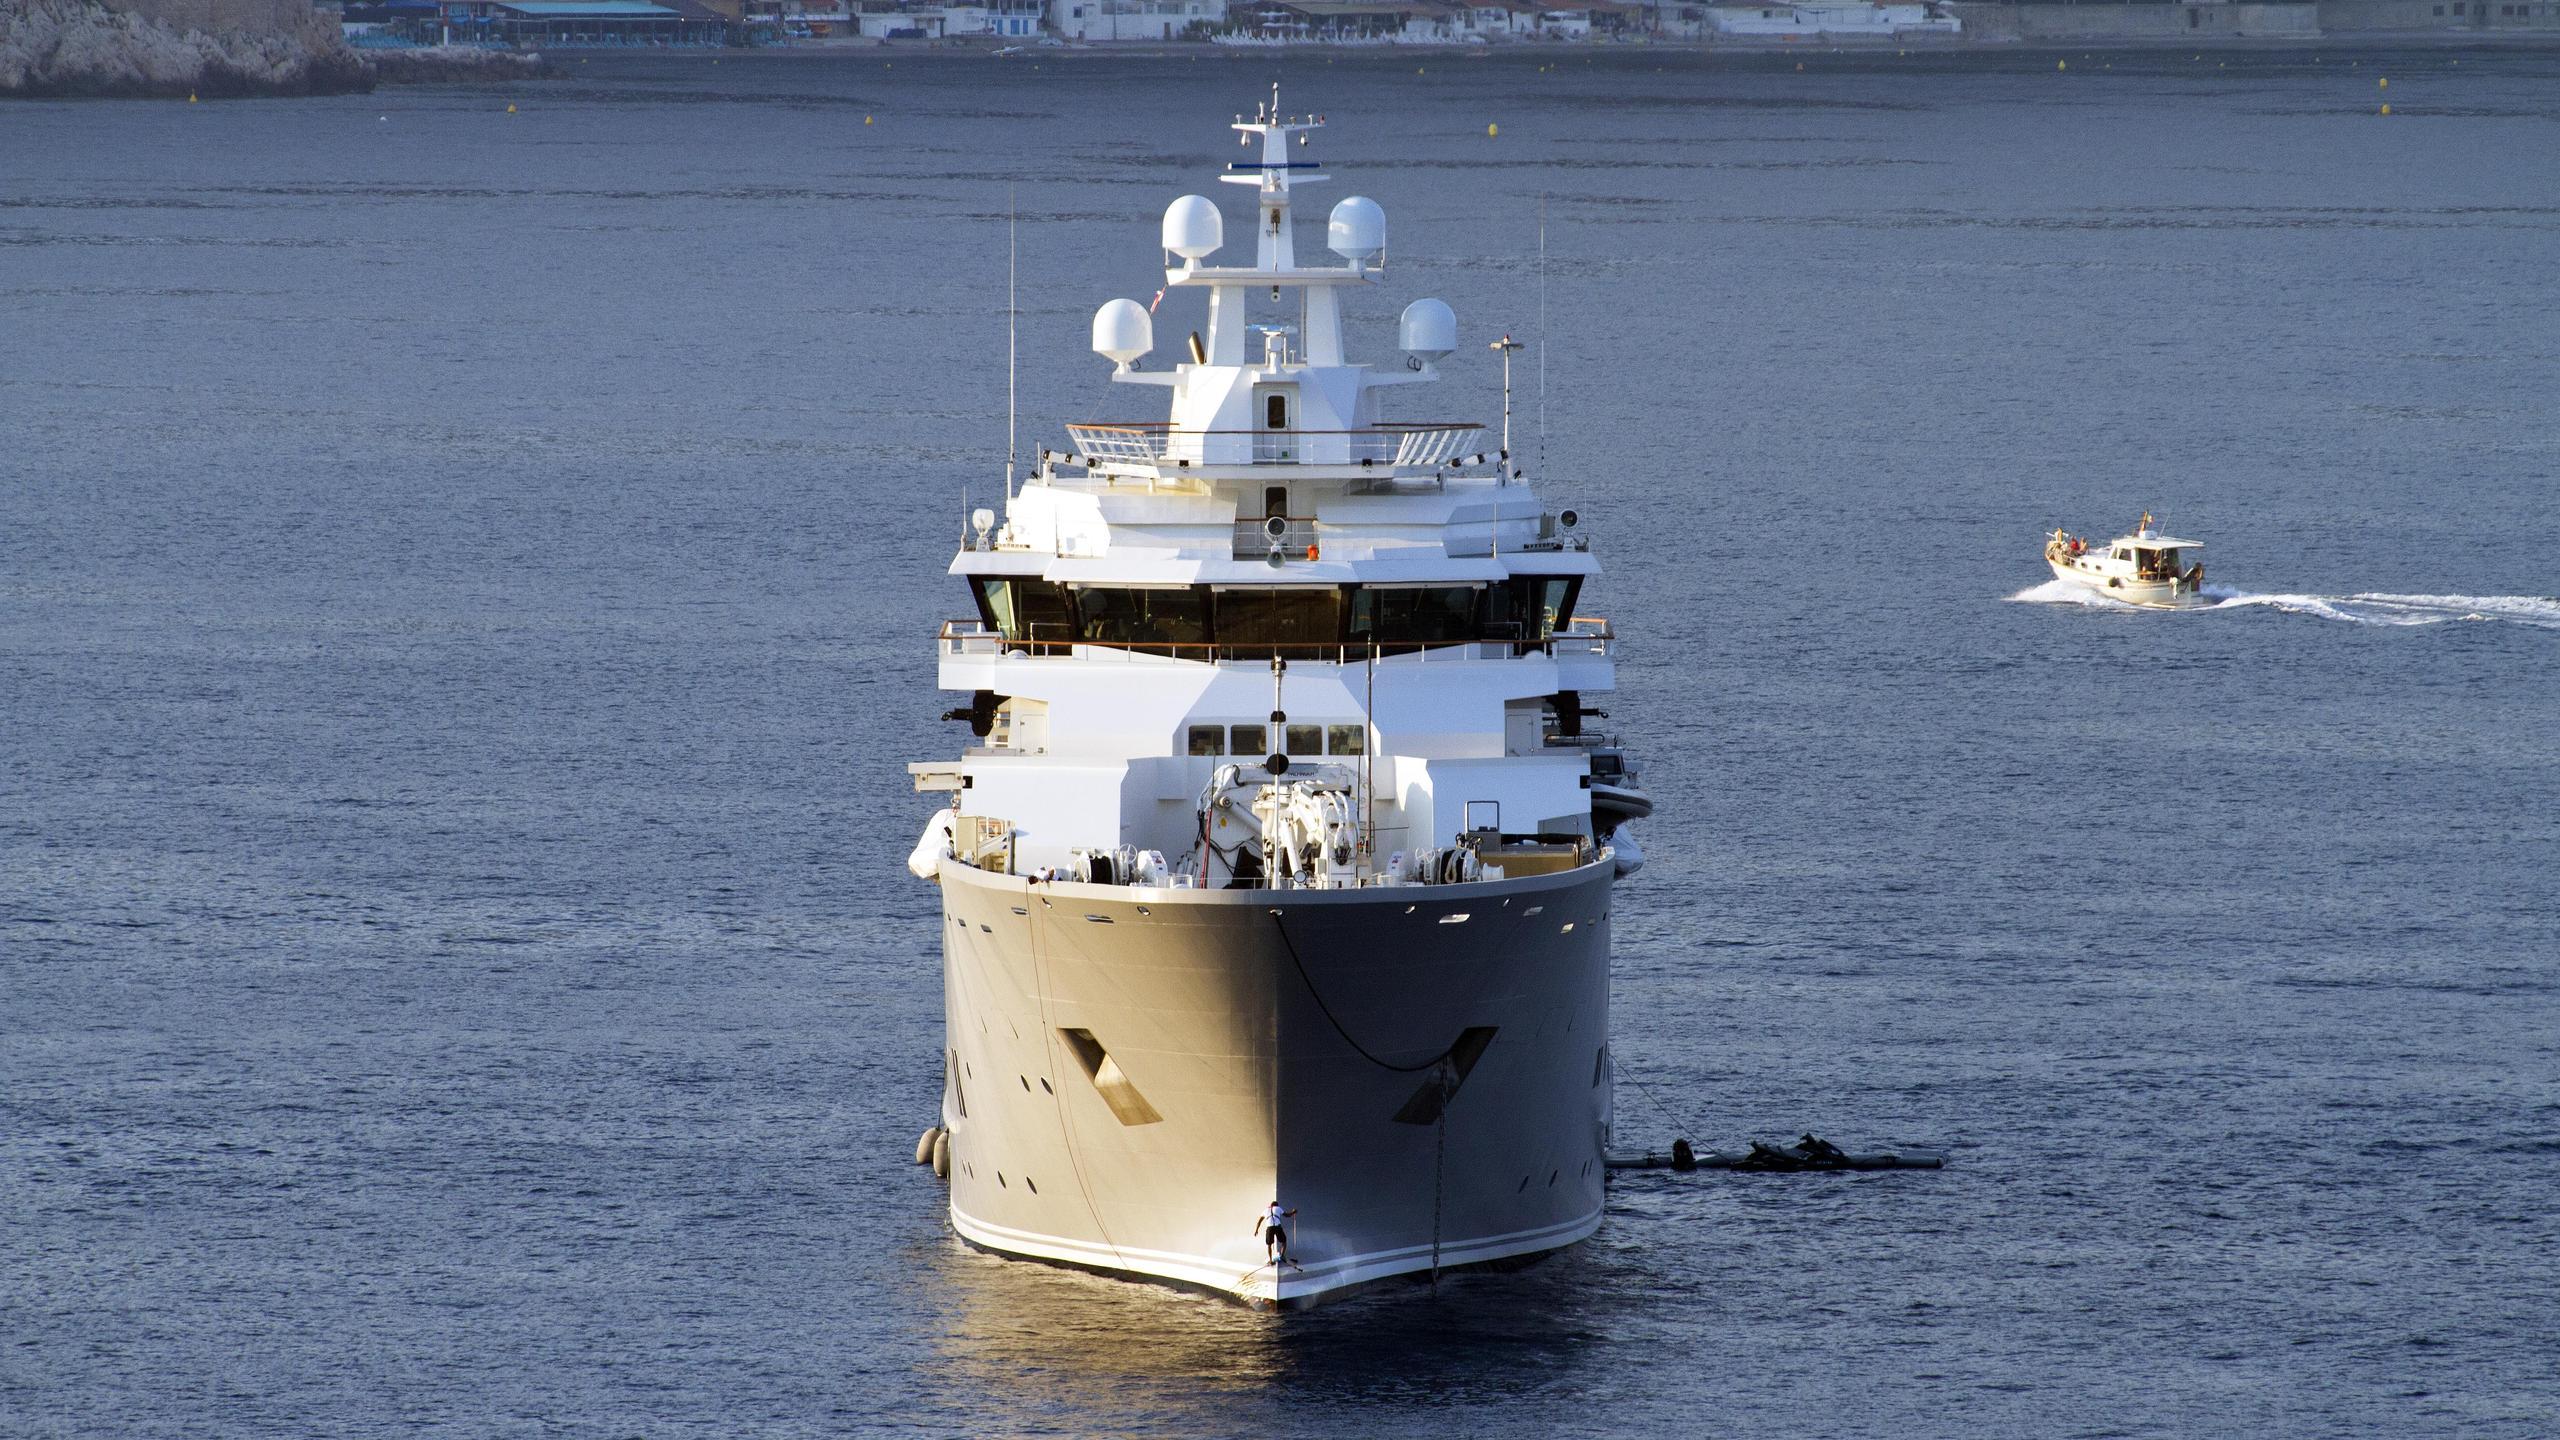 andromeda-ulysses-explorer-yacht-kleven-2015-107m-bow